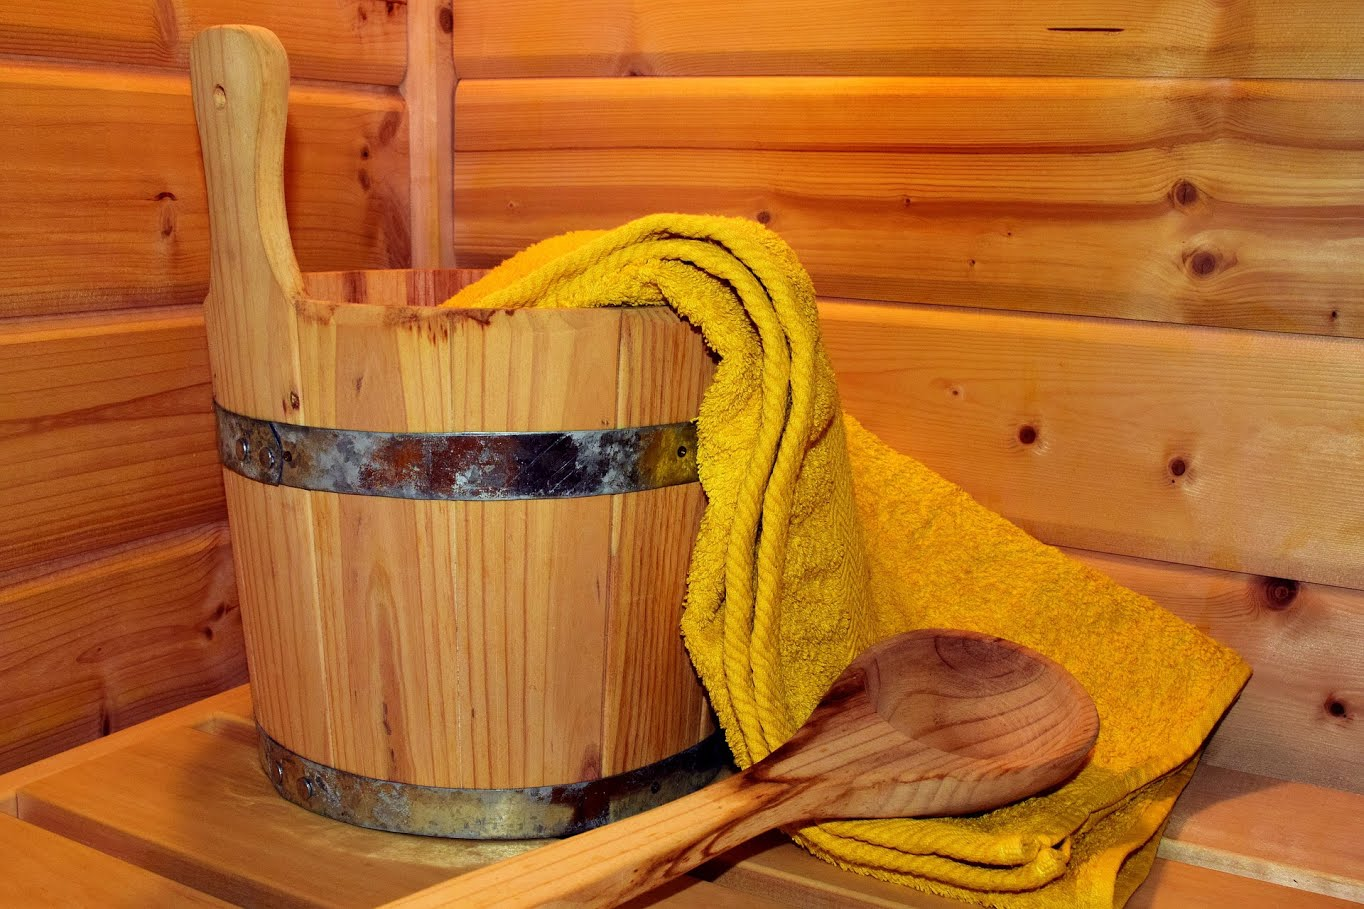 De weldadige warmte van de sauna, stoomcabine en infraroodrelax warmen je spieren op zodat die helemaal zacht en soepel worden. Ga als herboren terug naar huis!